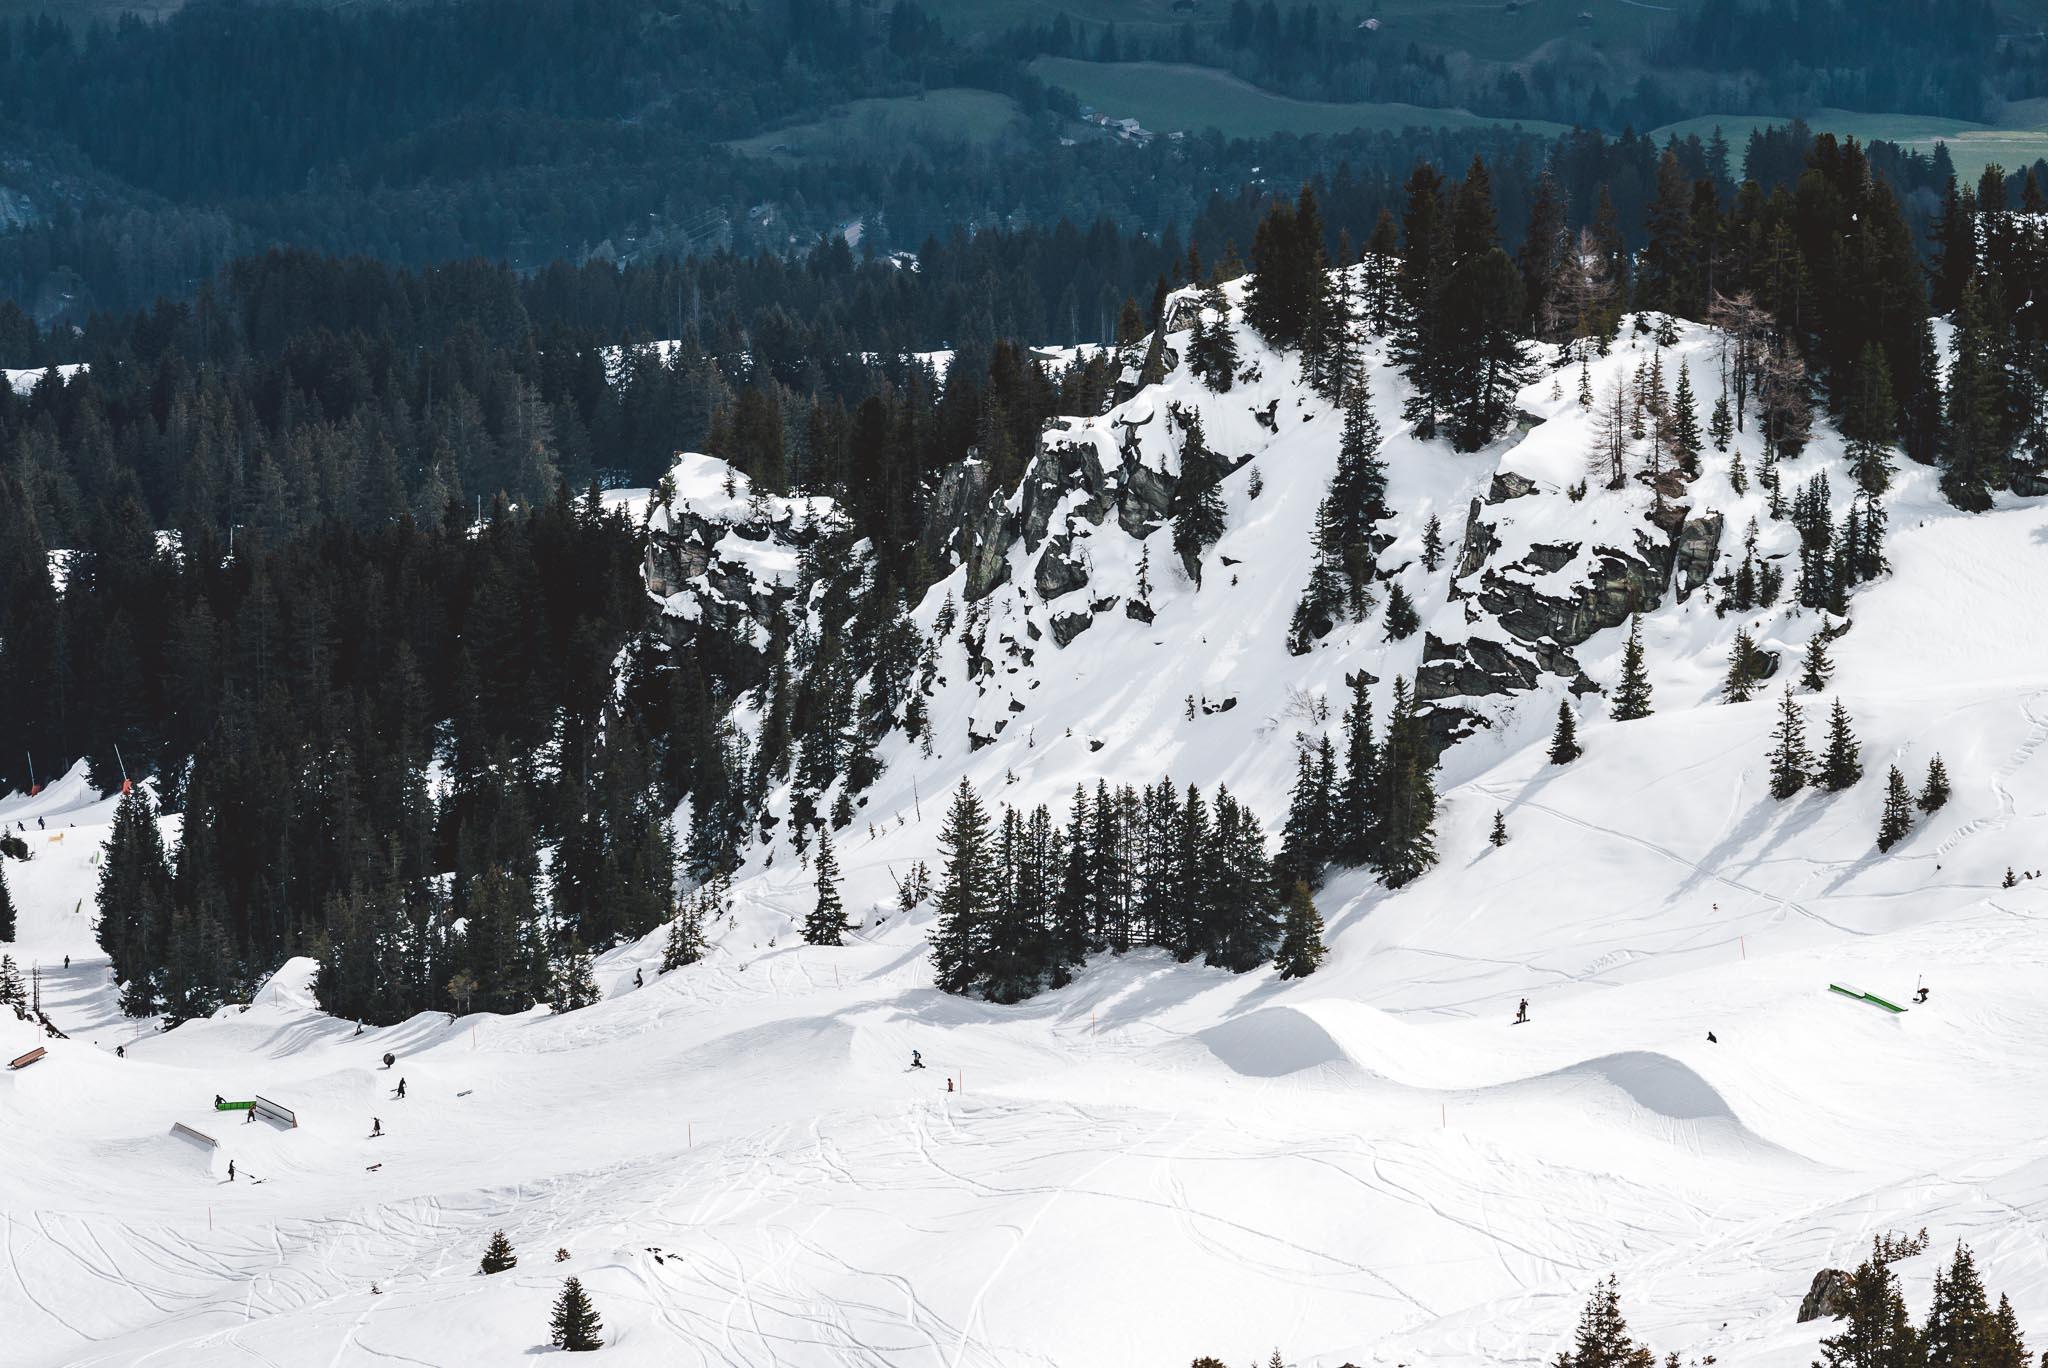 Der untere Teil des Snowparks P60 in der Übersicht: Turbo Knuckle, Boxen, Rails und vieles mehr.